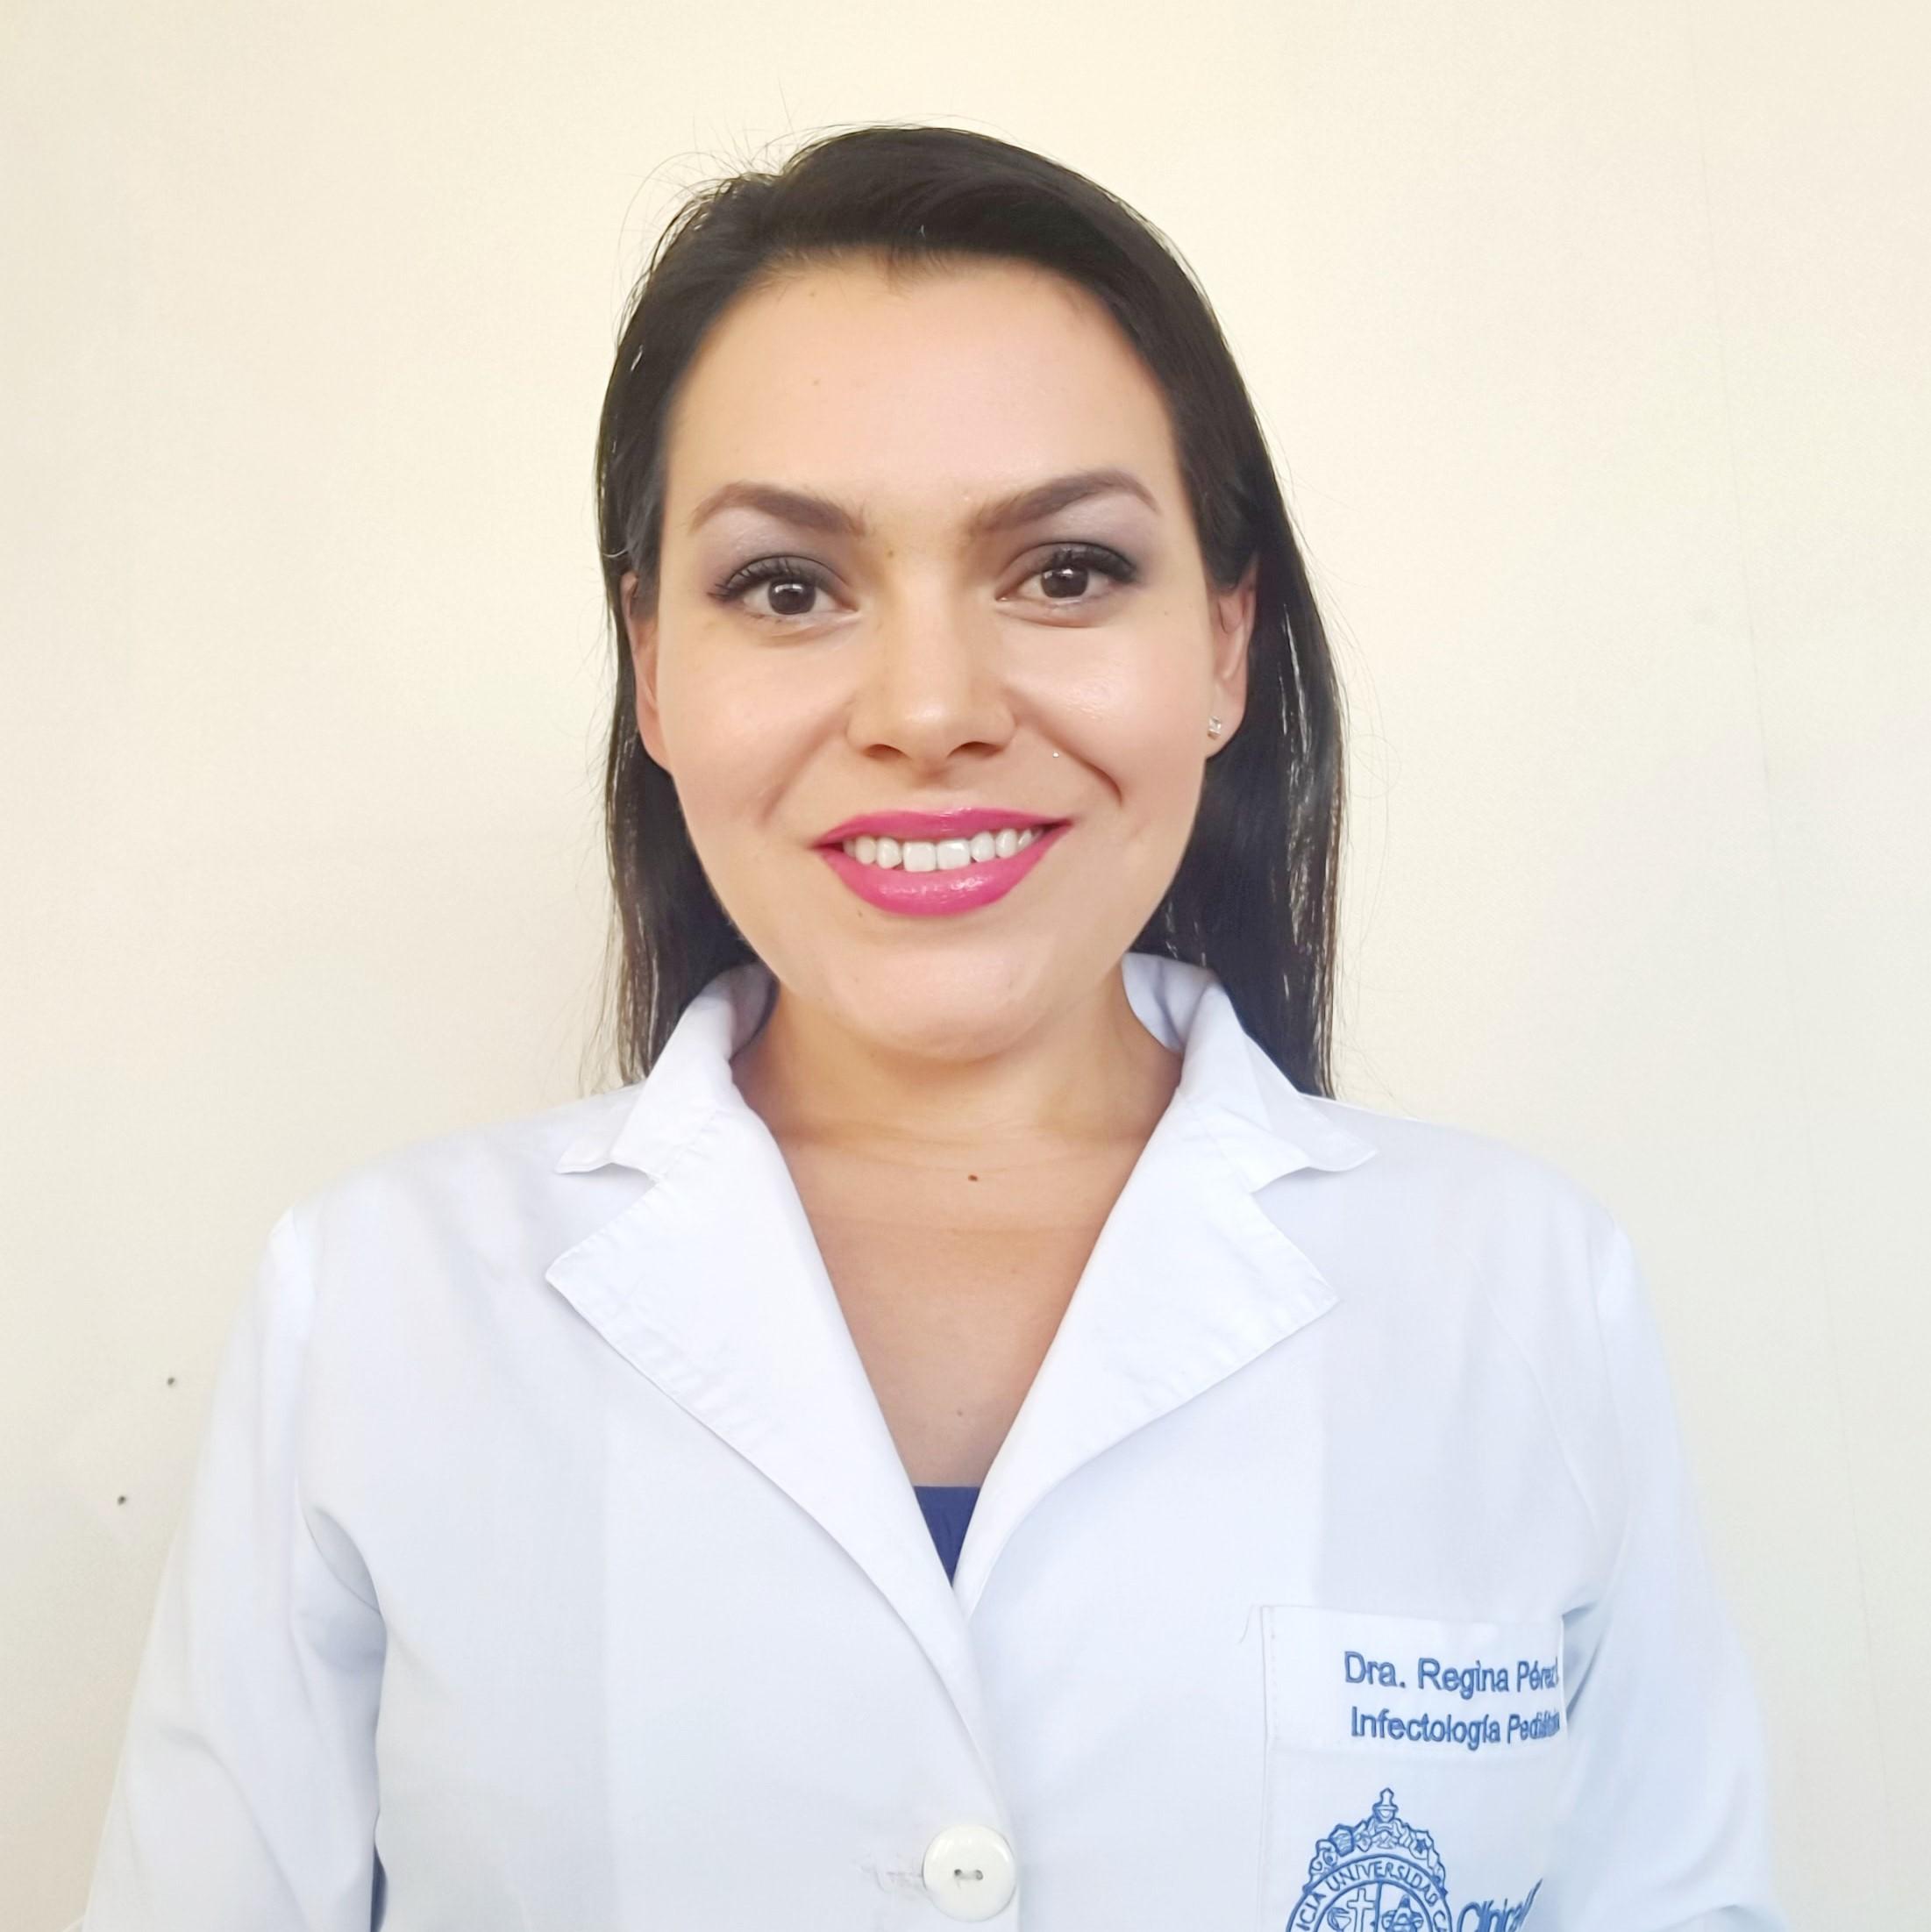 REGINA ELIZABETH PEREZ PEREZ